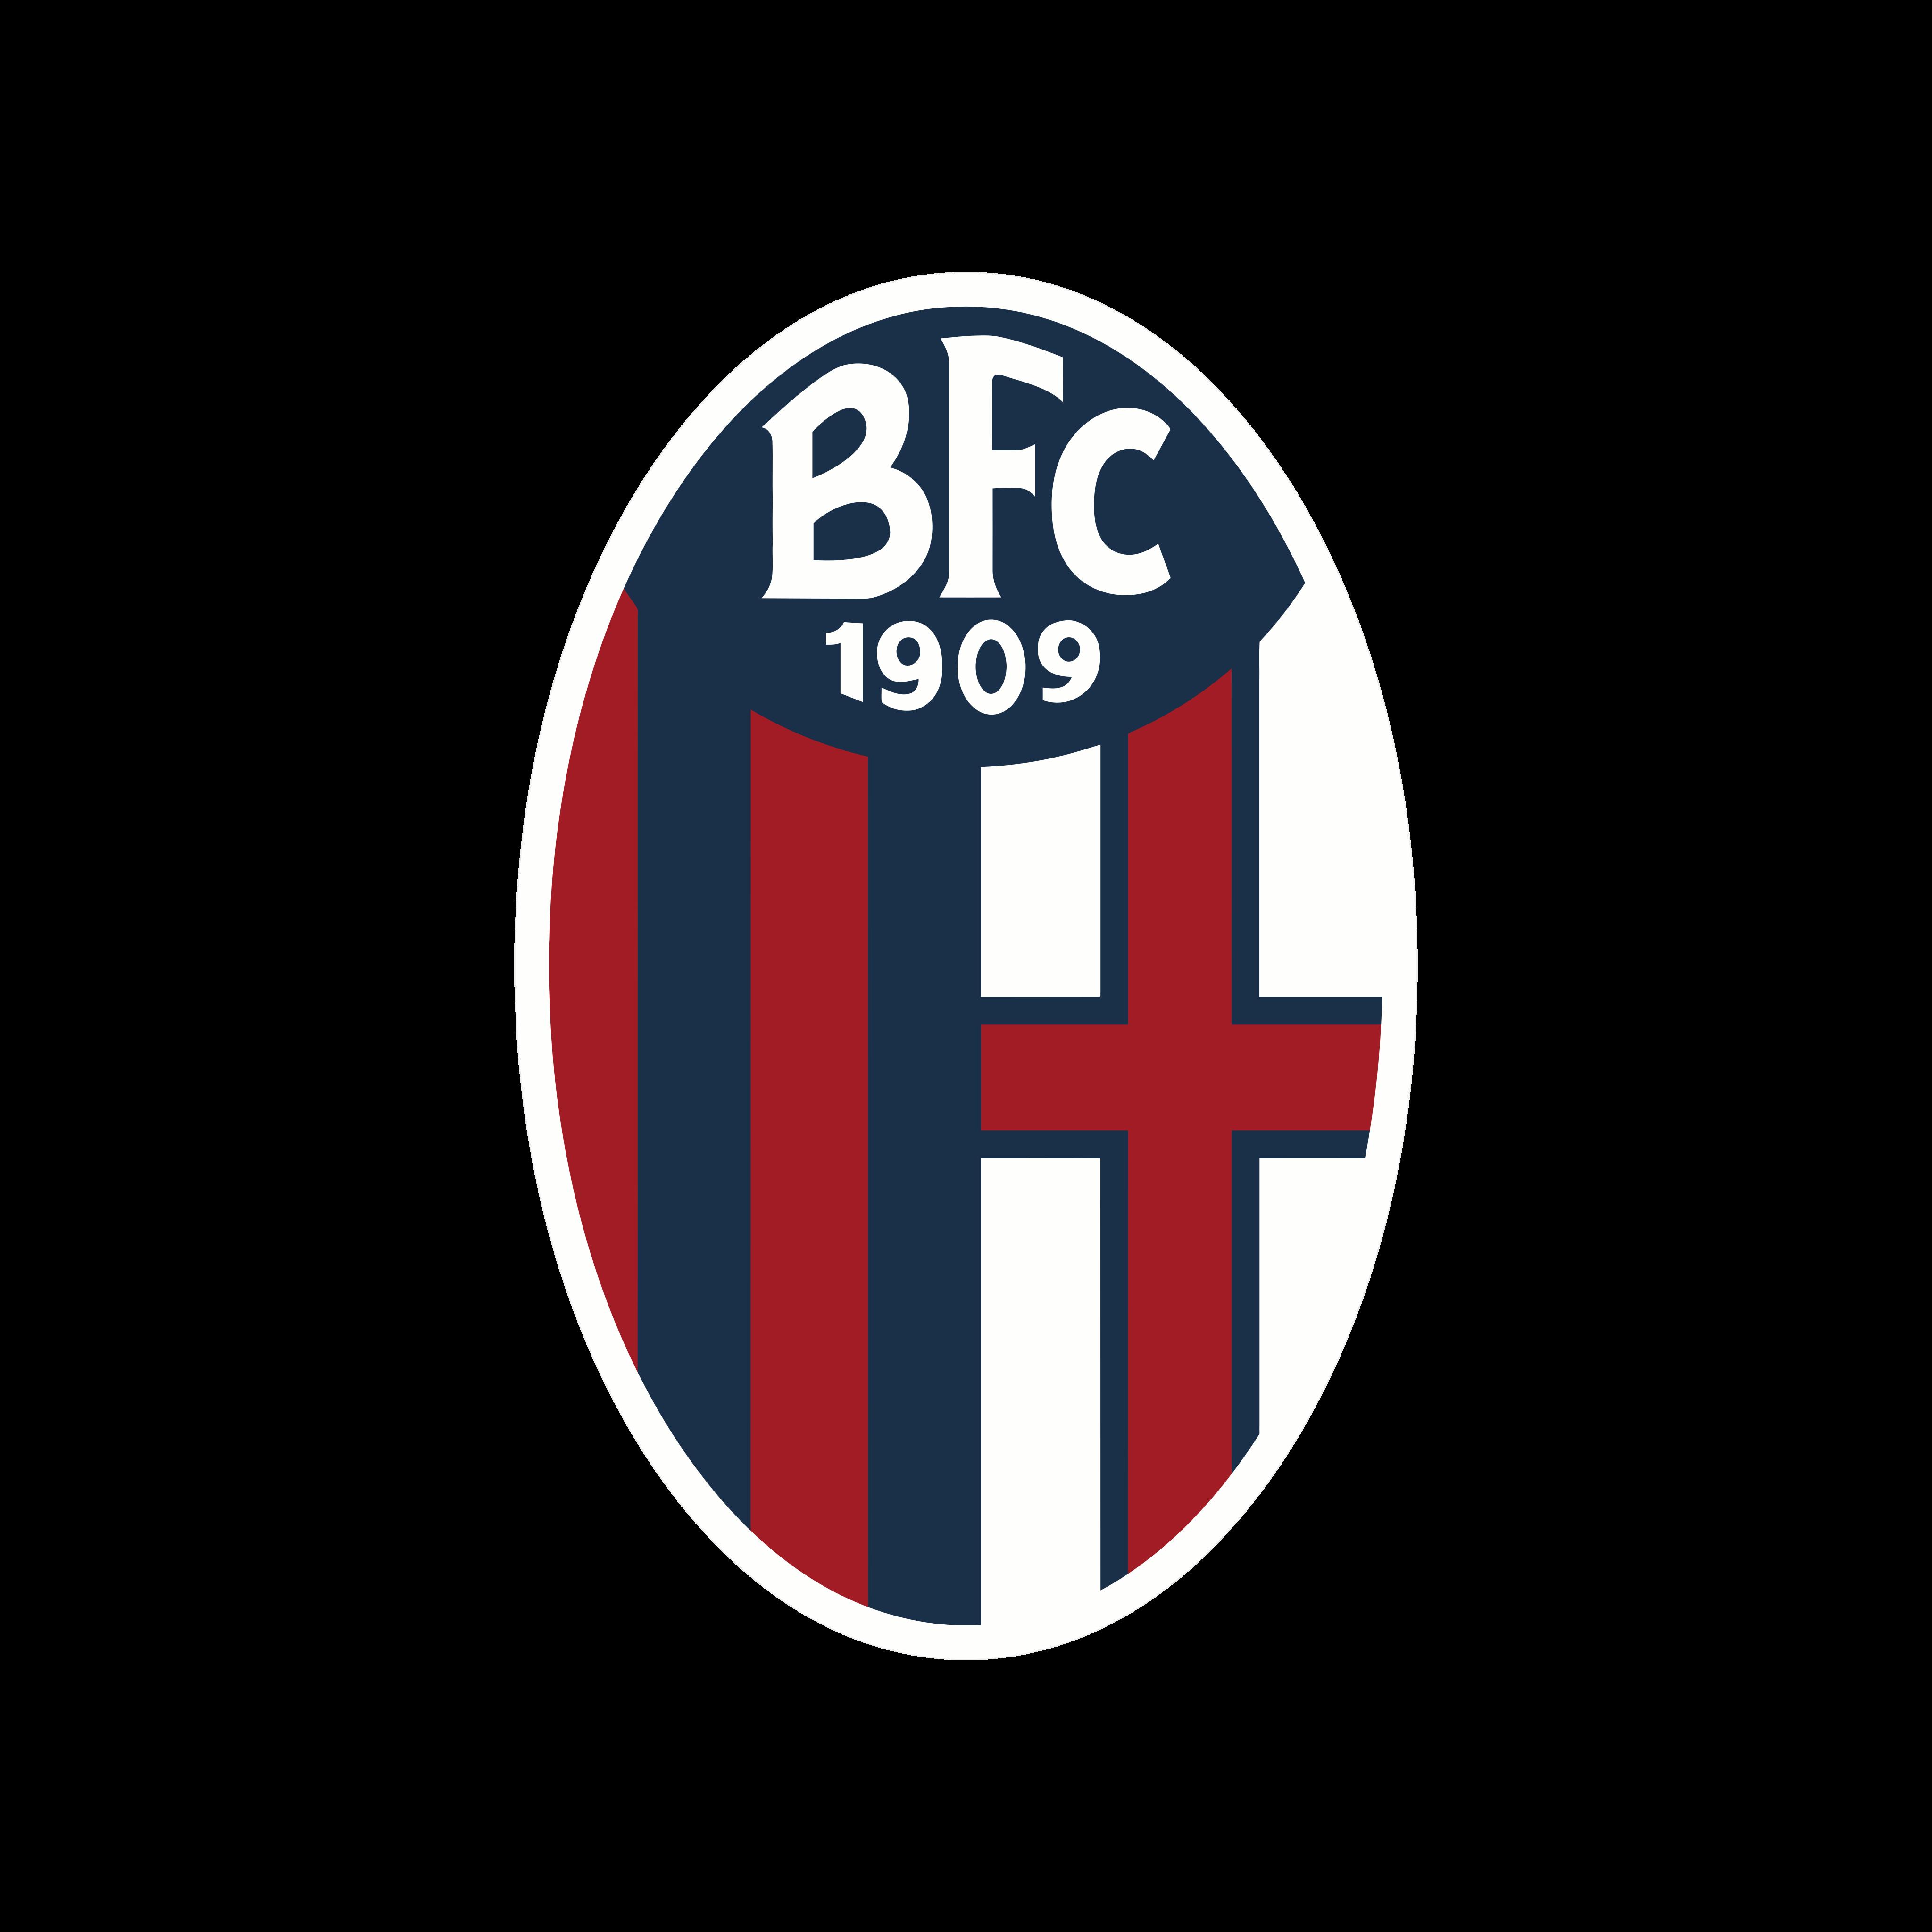 bologna fc logo 0 - Bologna FC Logo